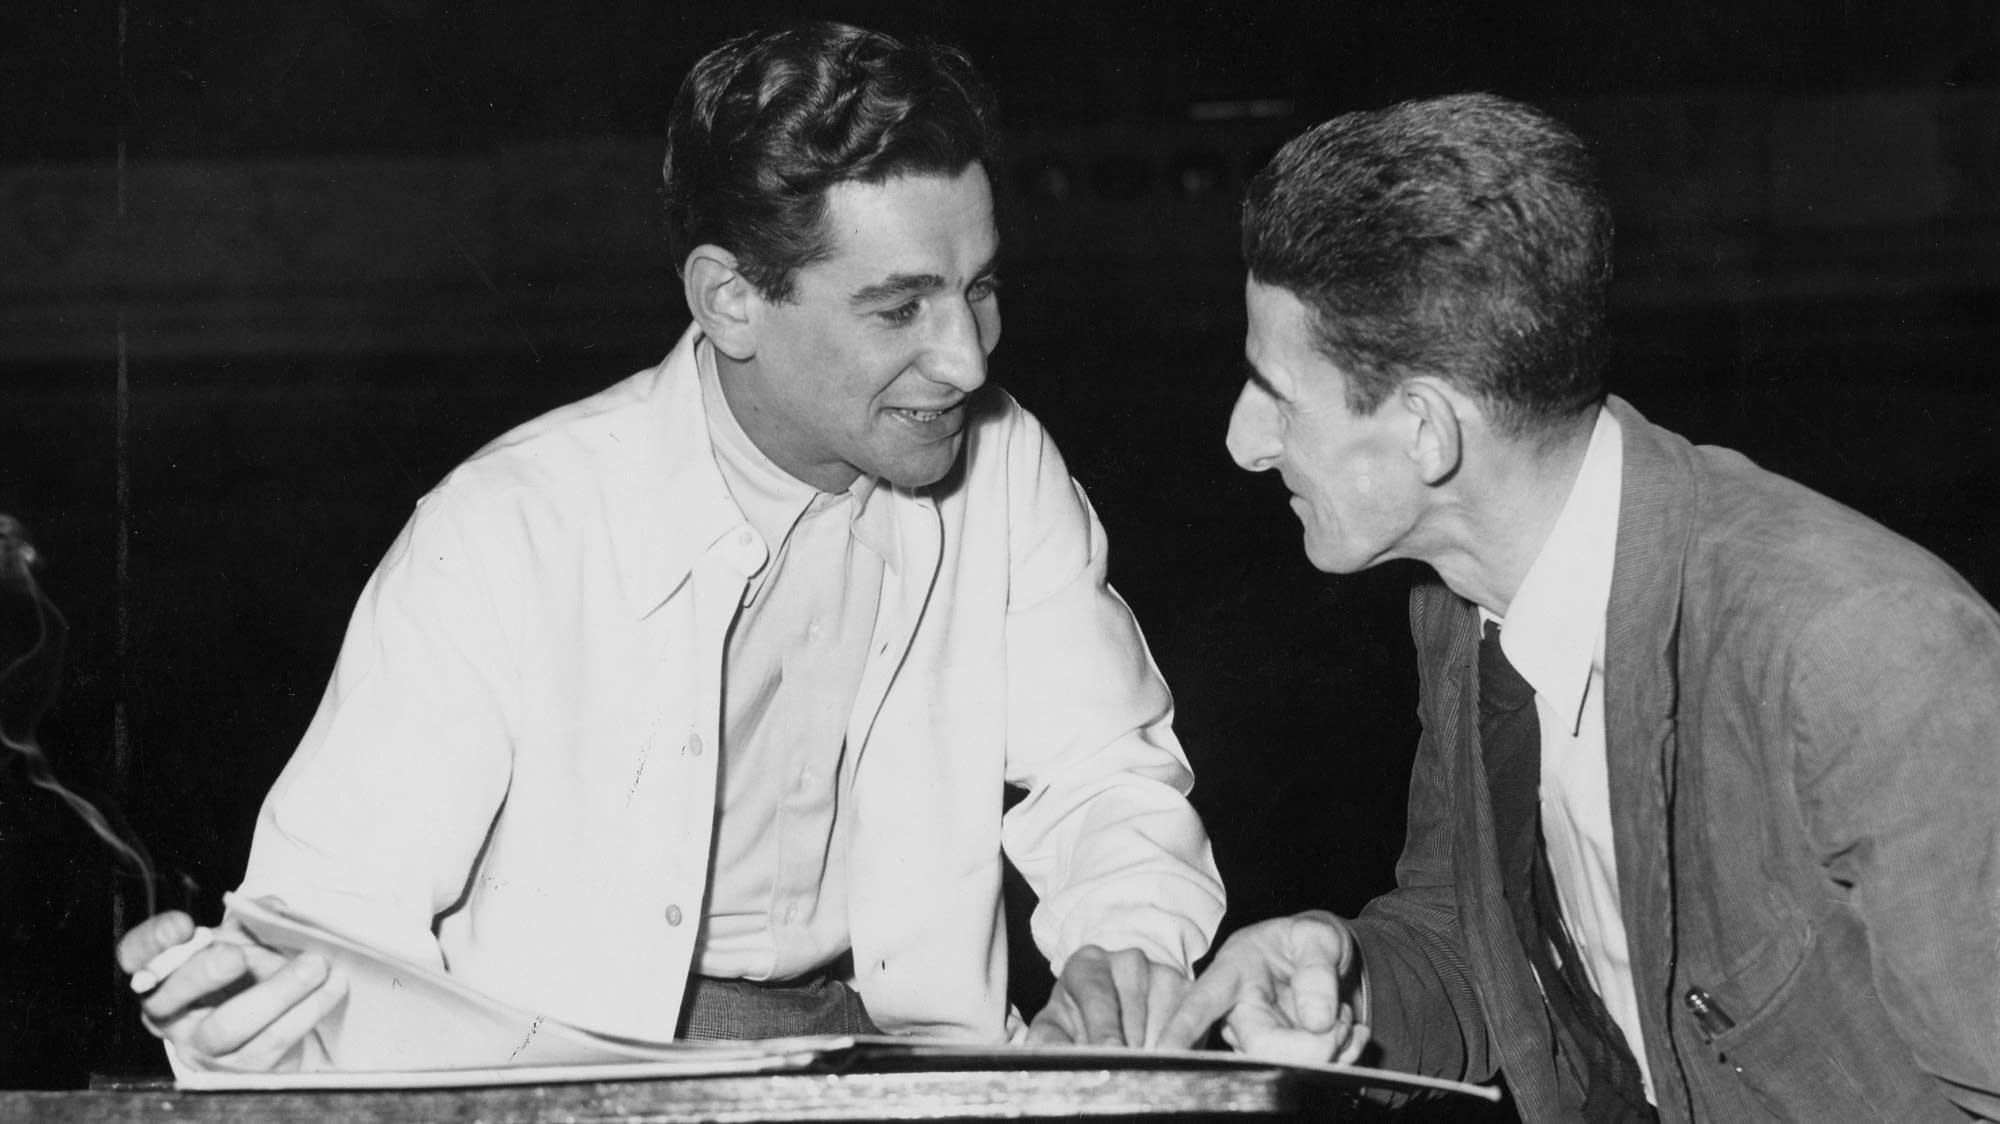 Leonard Bernstein with cellist Yves Chardon in Minneapolis.